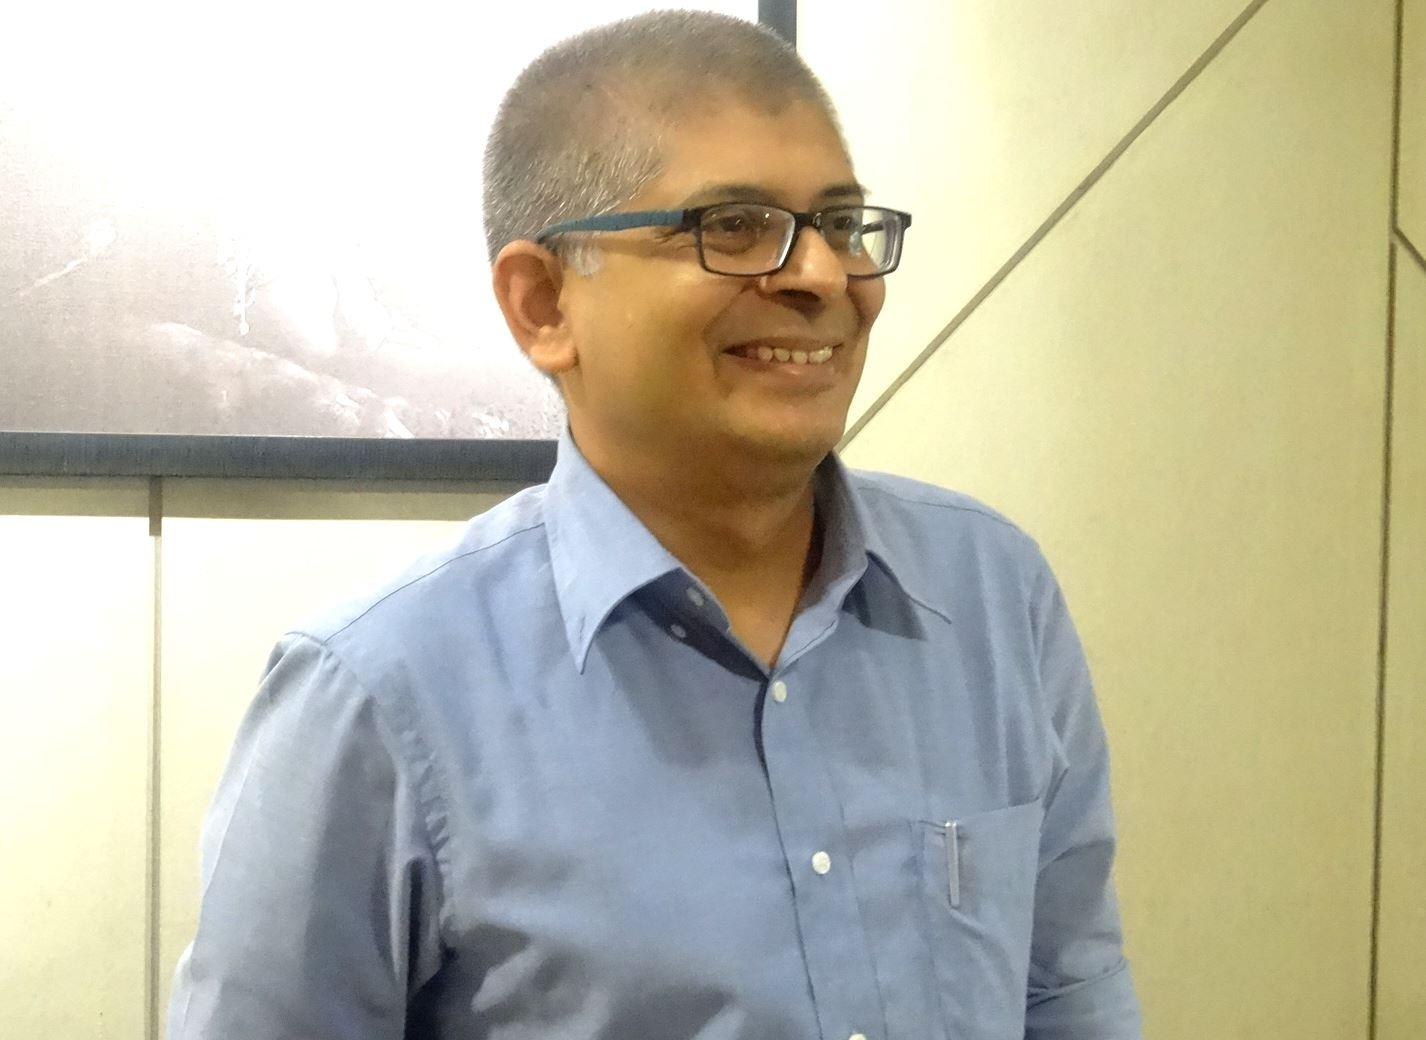 インド・日本ビジネス評議会(IJBC)のシッダールタ・デシュムク副代表。自身が経営するIT企業の顧客は、多くが日本企業。頻繁にインドと日本を行き来する